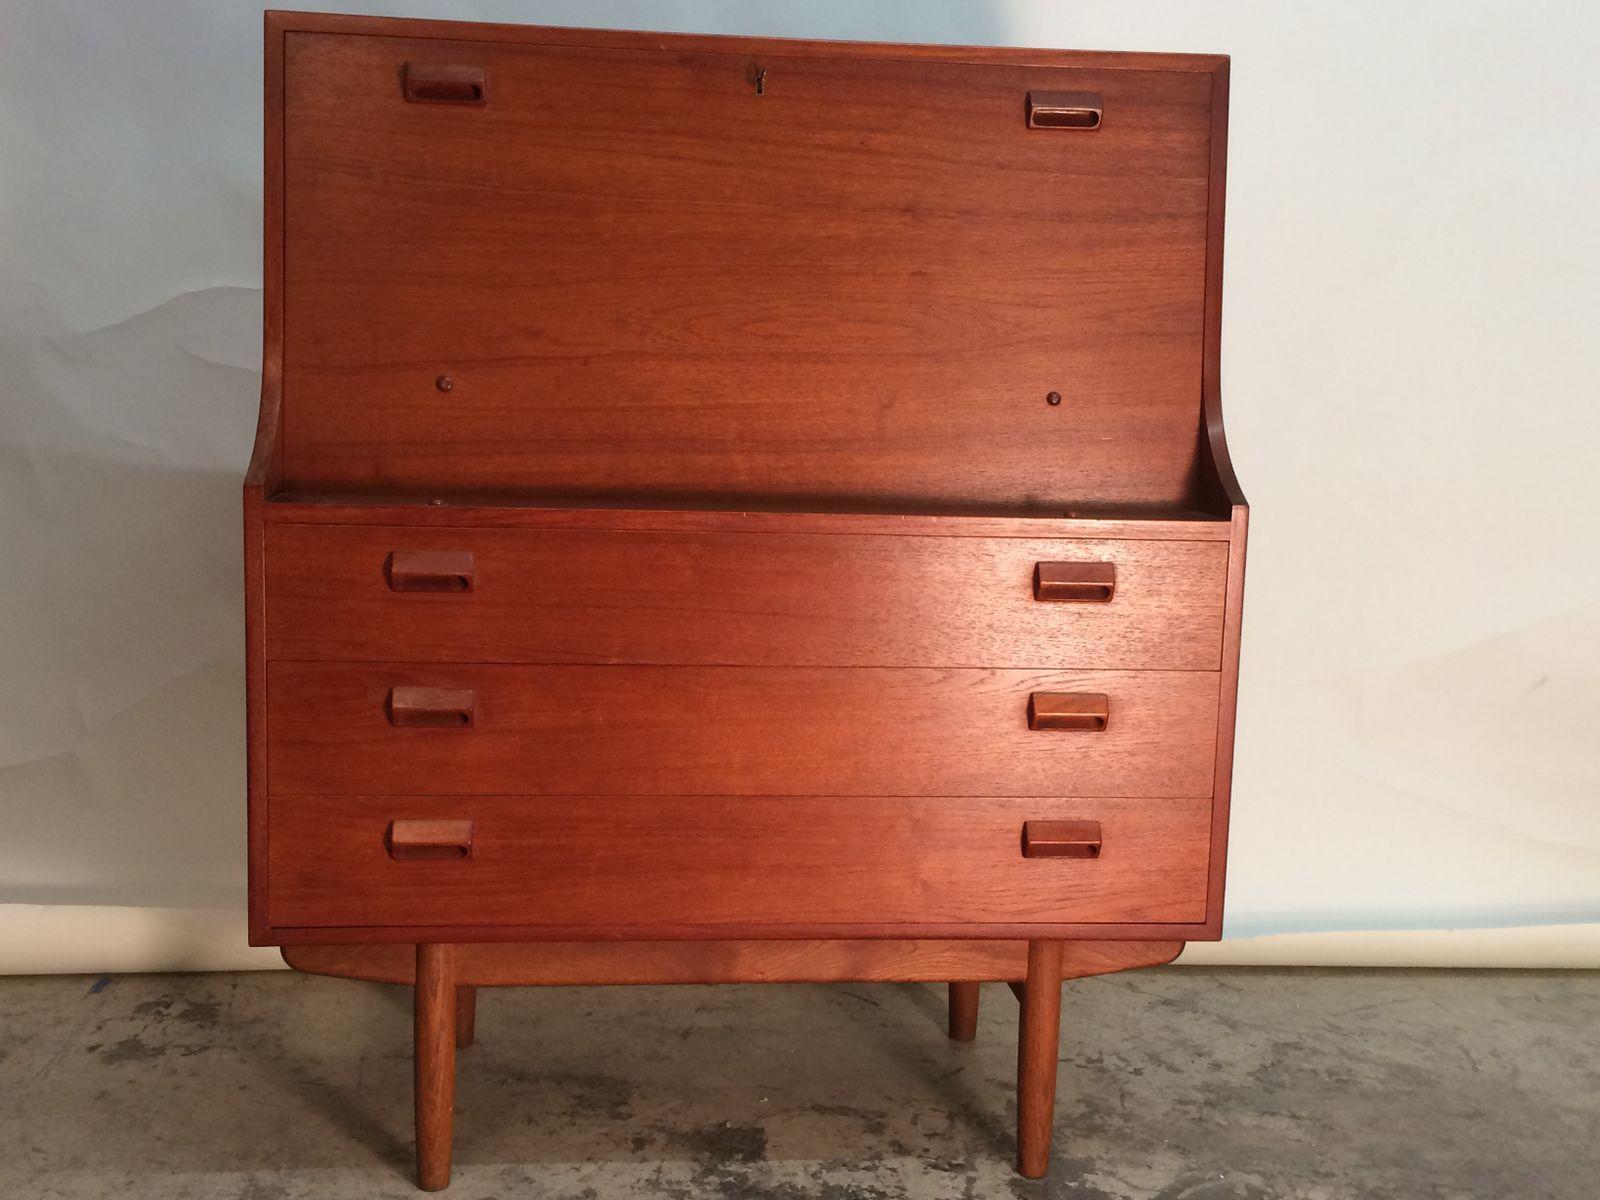 sekret r von borge mogensen f r soborg m bel bei pamono kaufen. Black Bedroom Furniture Sets. Home Design Ideas